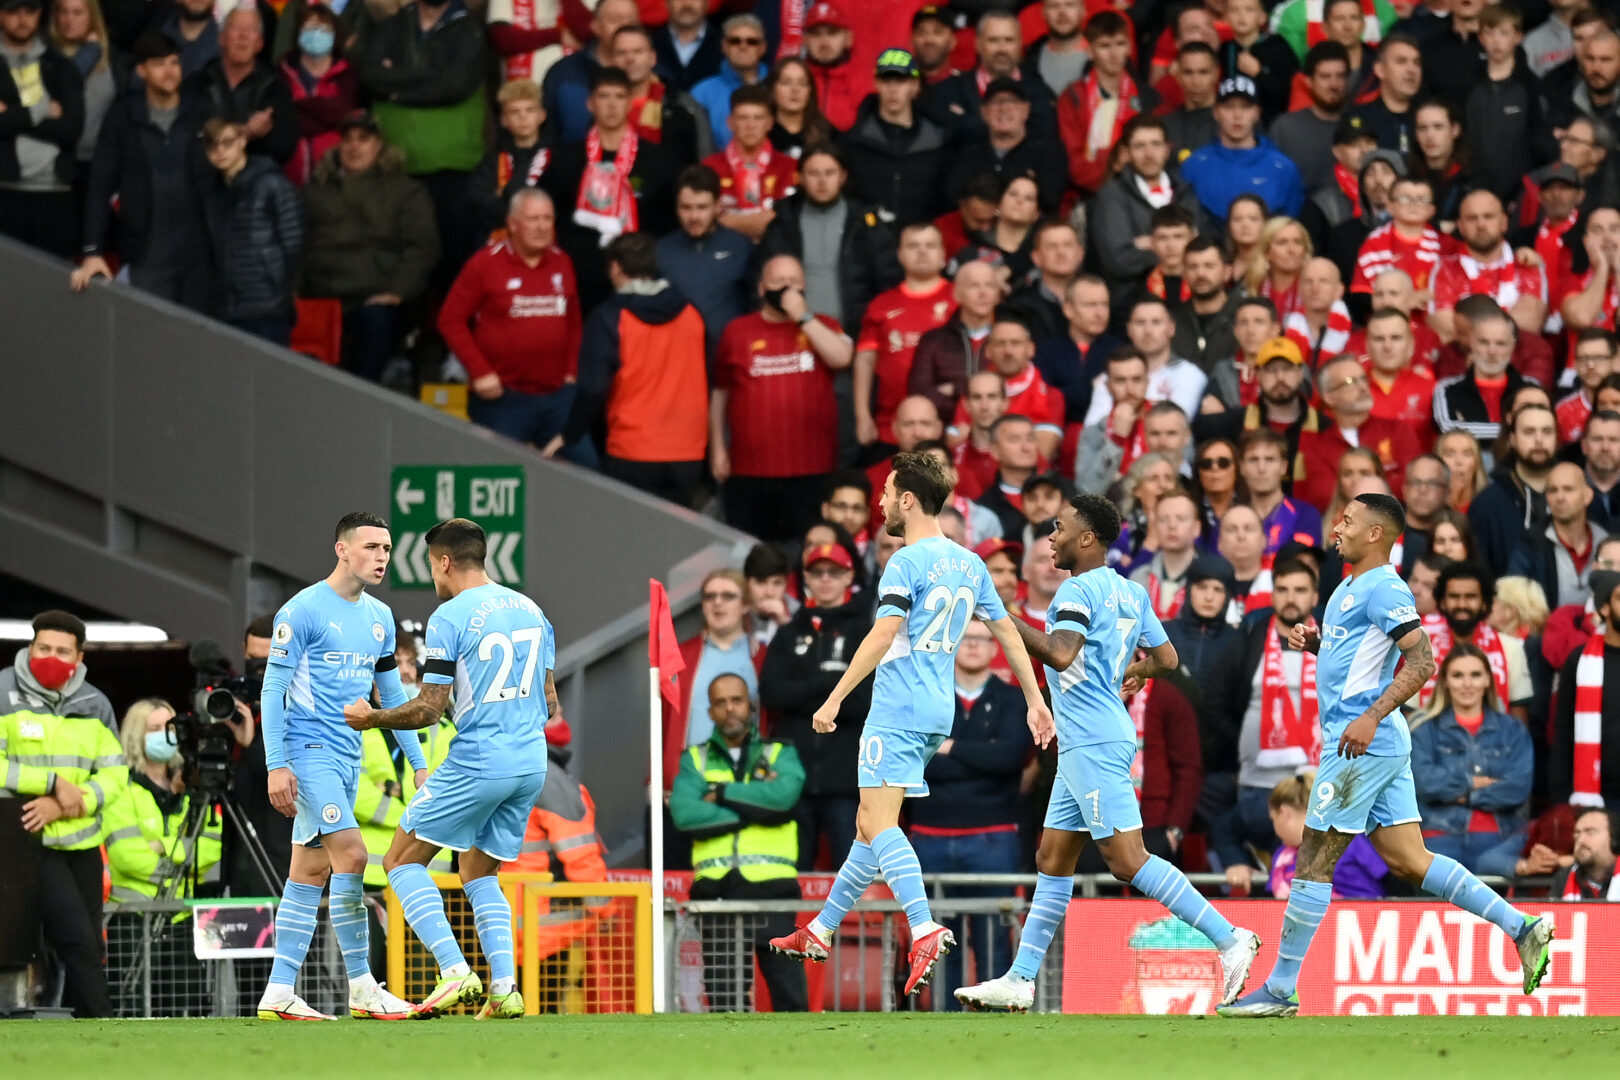 Die Spieler von Manchester City bejubeln den zwischenzeitlichen Ausgleich von Phil Foden im Spiel gegen den FC Liverpool